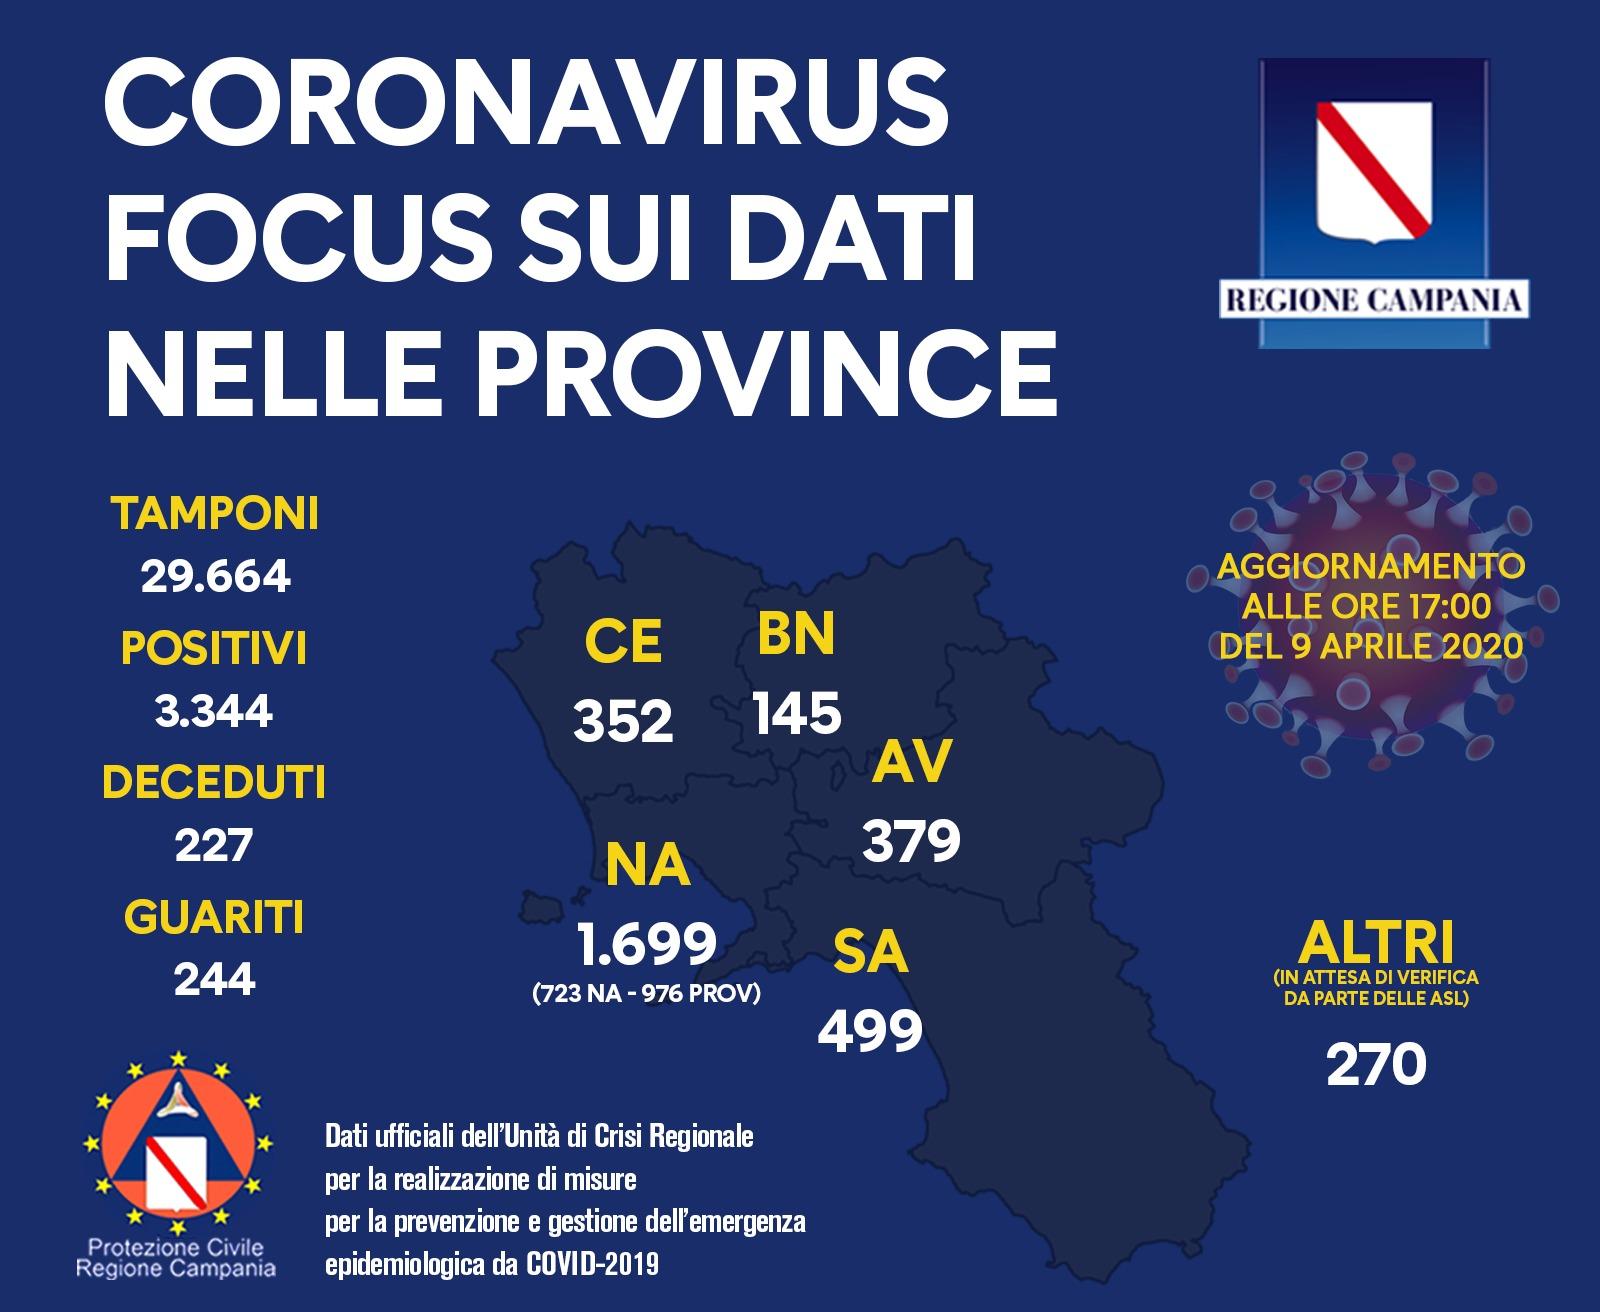 Sono 3.344 le persone contagiate, in totale, in regione Campania. 227 i deceduti e 244 i guariti. Ecco il bollettino alle ore 23.59 dell'8 aprile